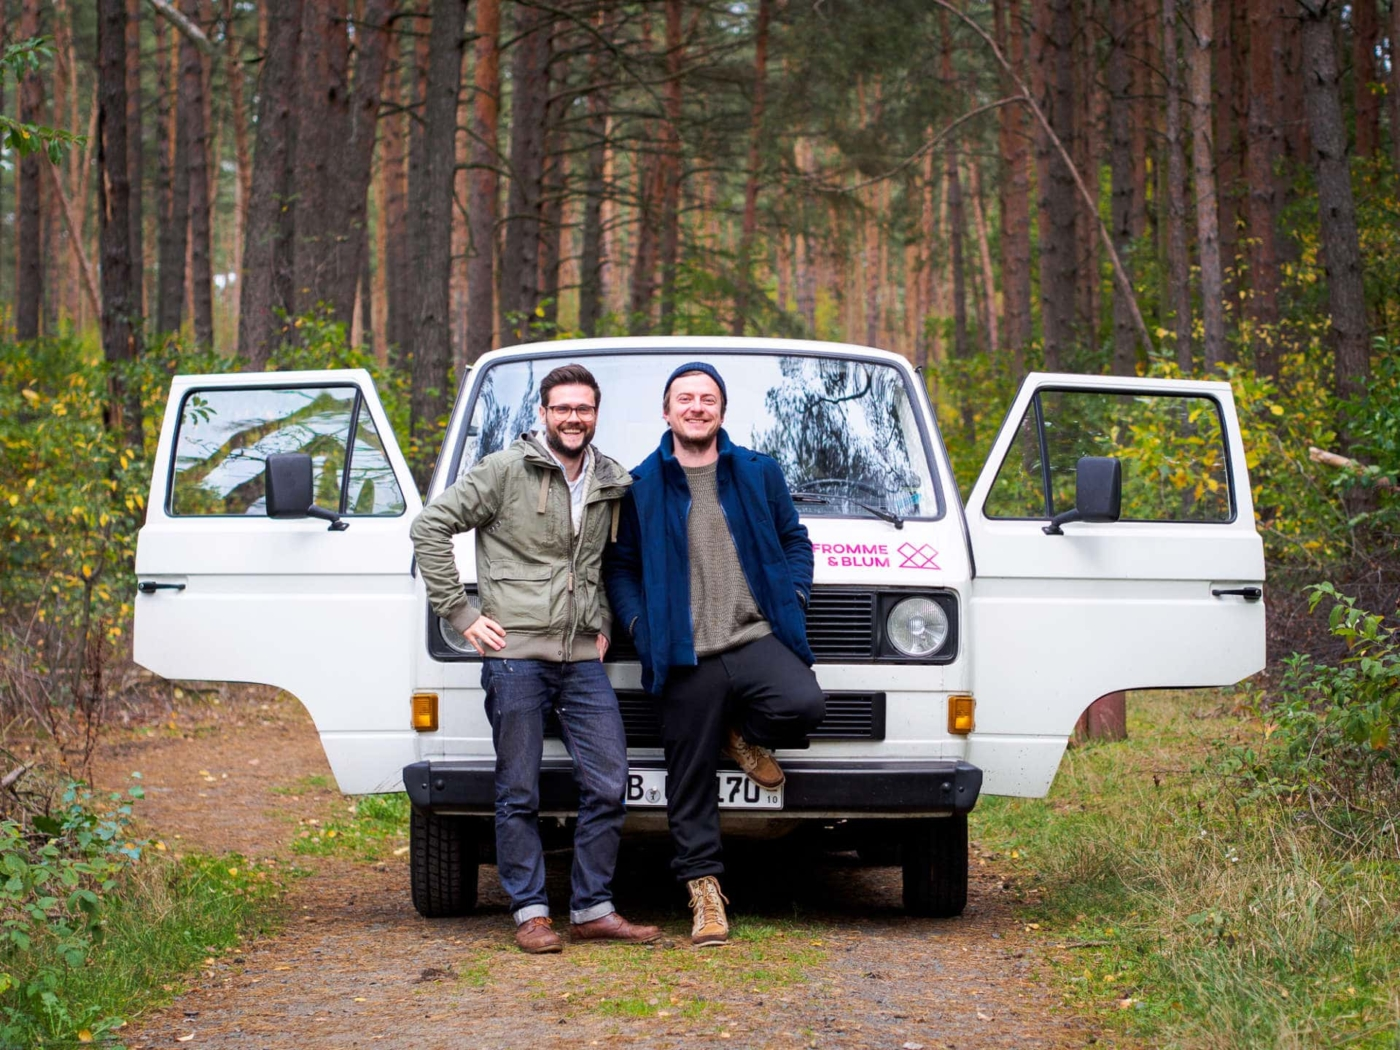 Ricky Fromme und Jo Blum mit ihrem mobilen Designstudio